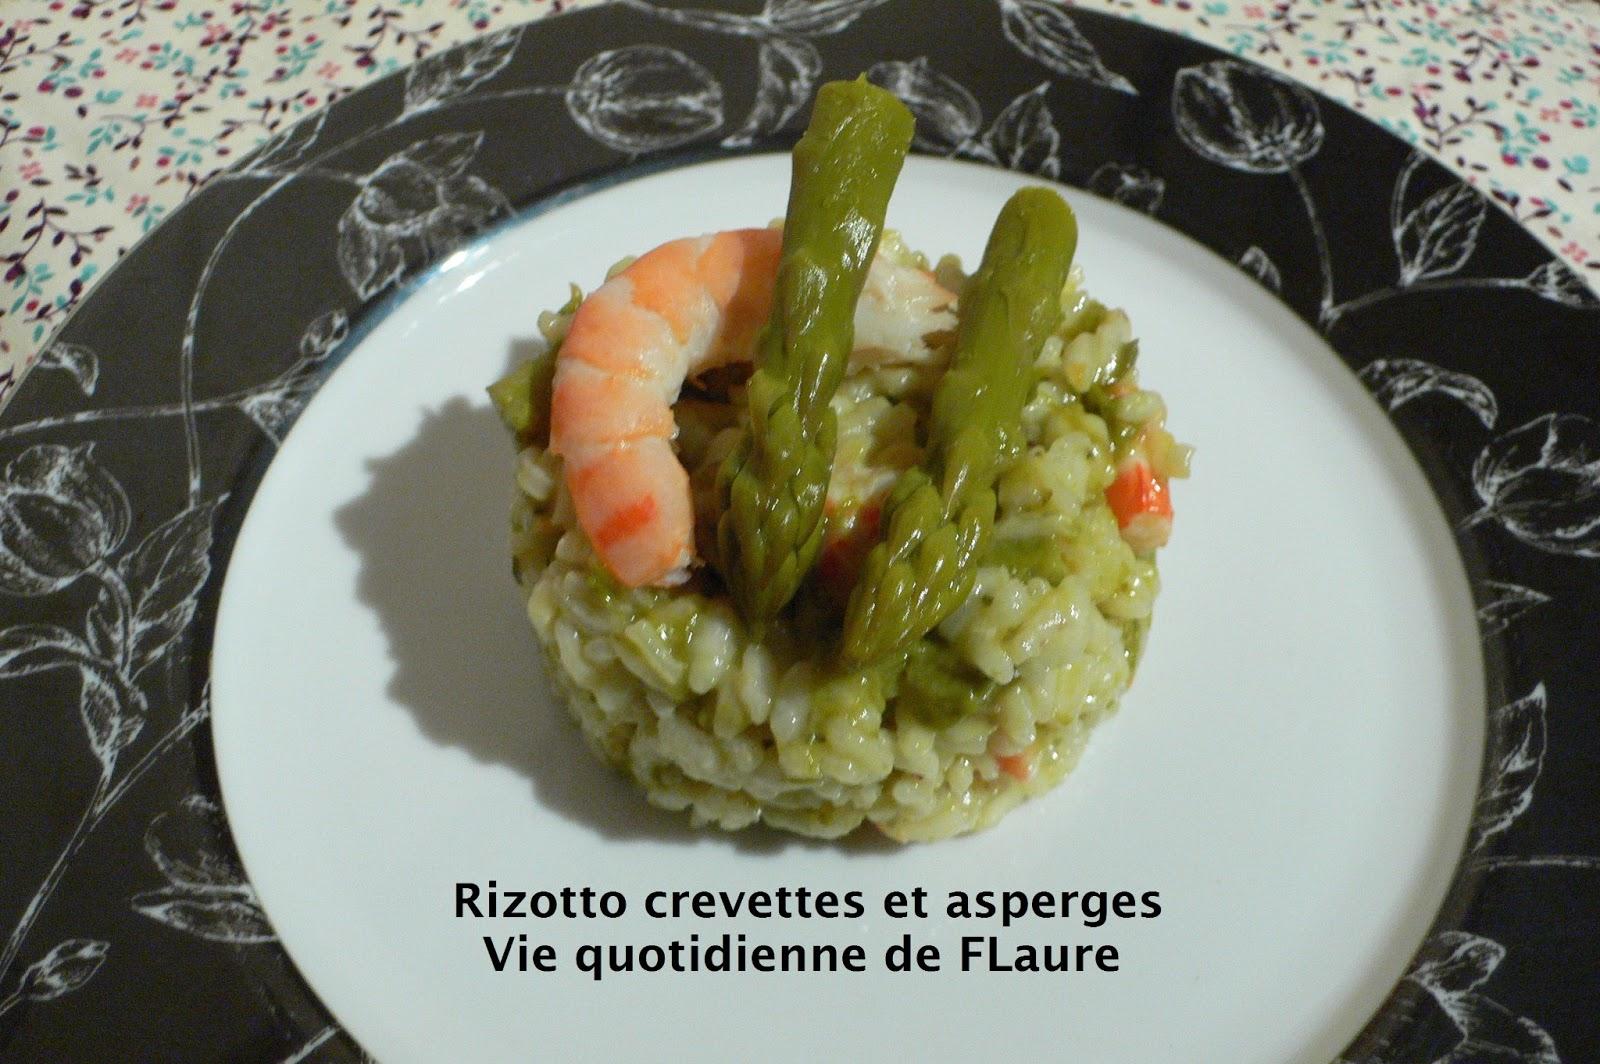 risotto crevettes et asperges blogs de cuisine. Black Bedroom Furniture Sets. Home Design Ideas